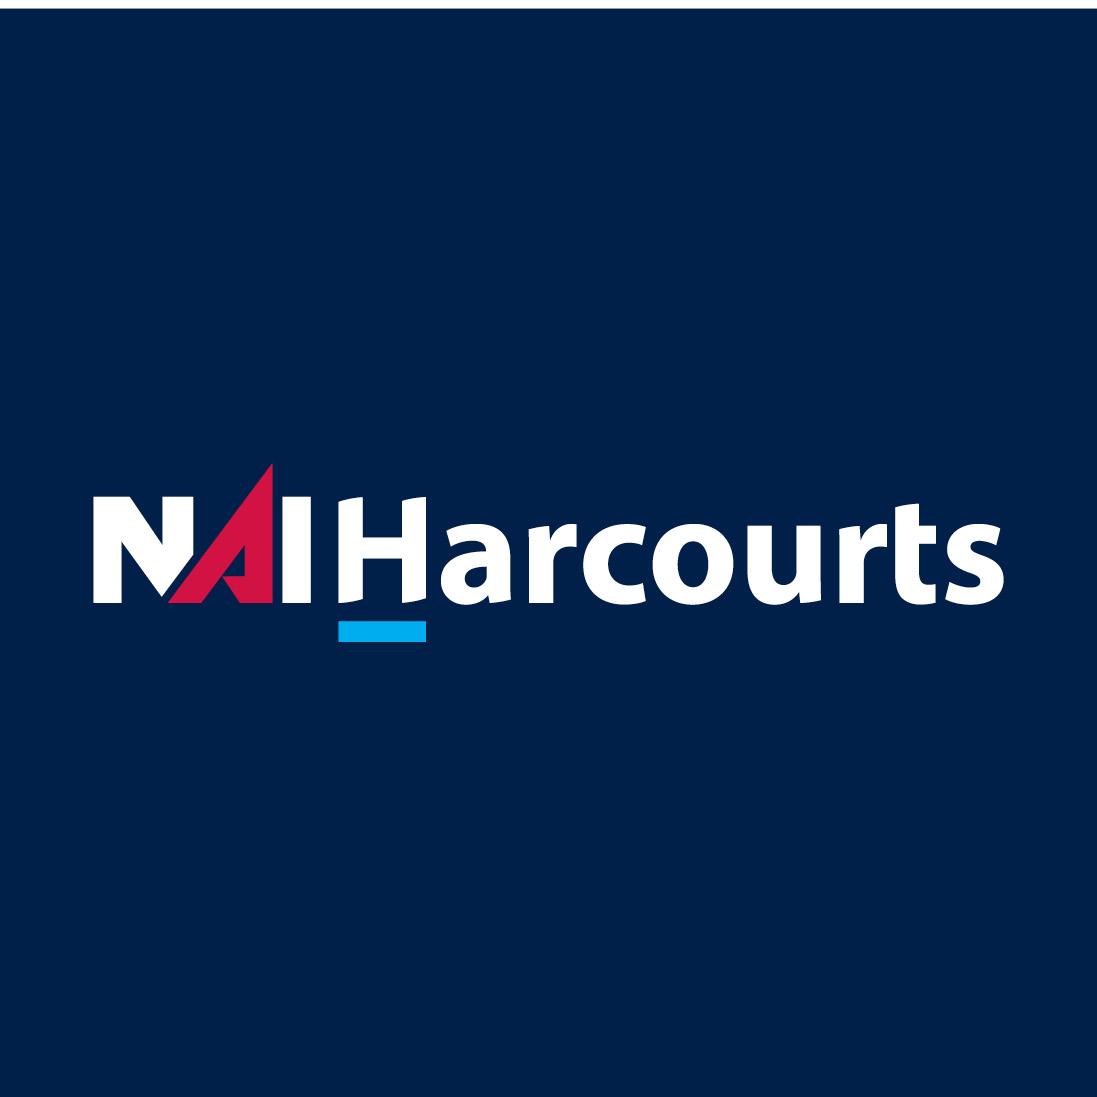 NAI Harcourts Metro